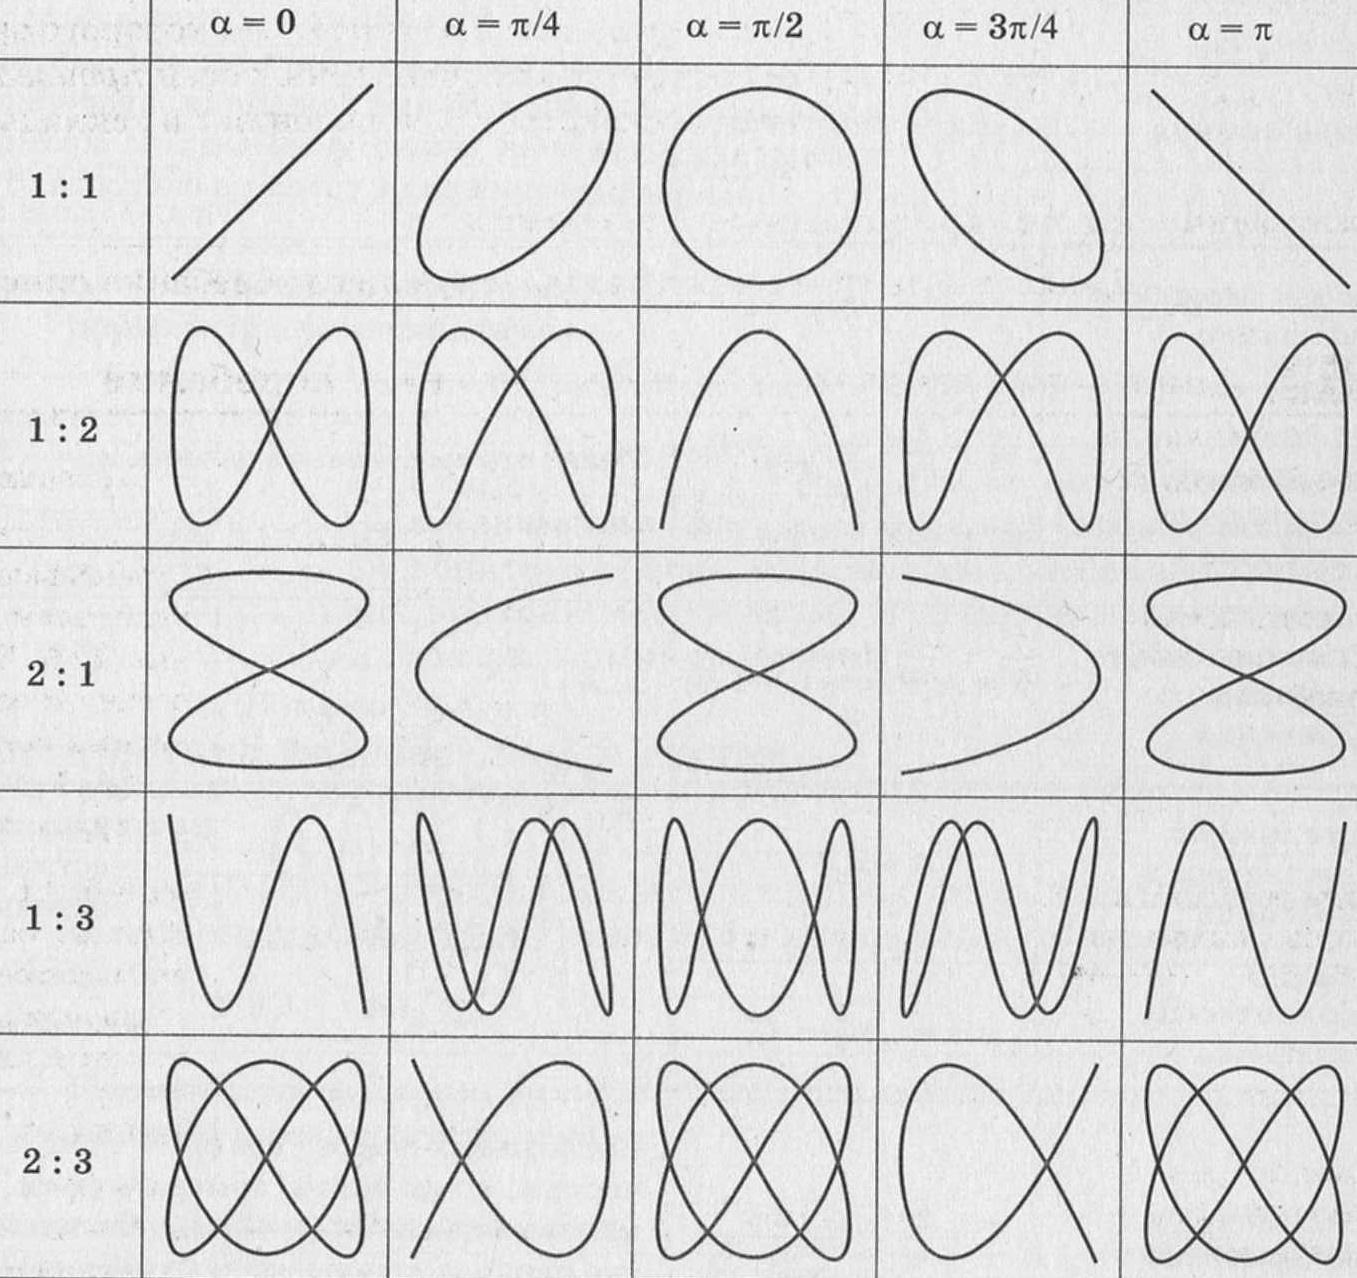 таблица фигуры лиссажу